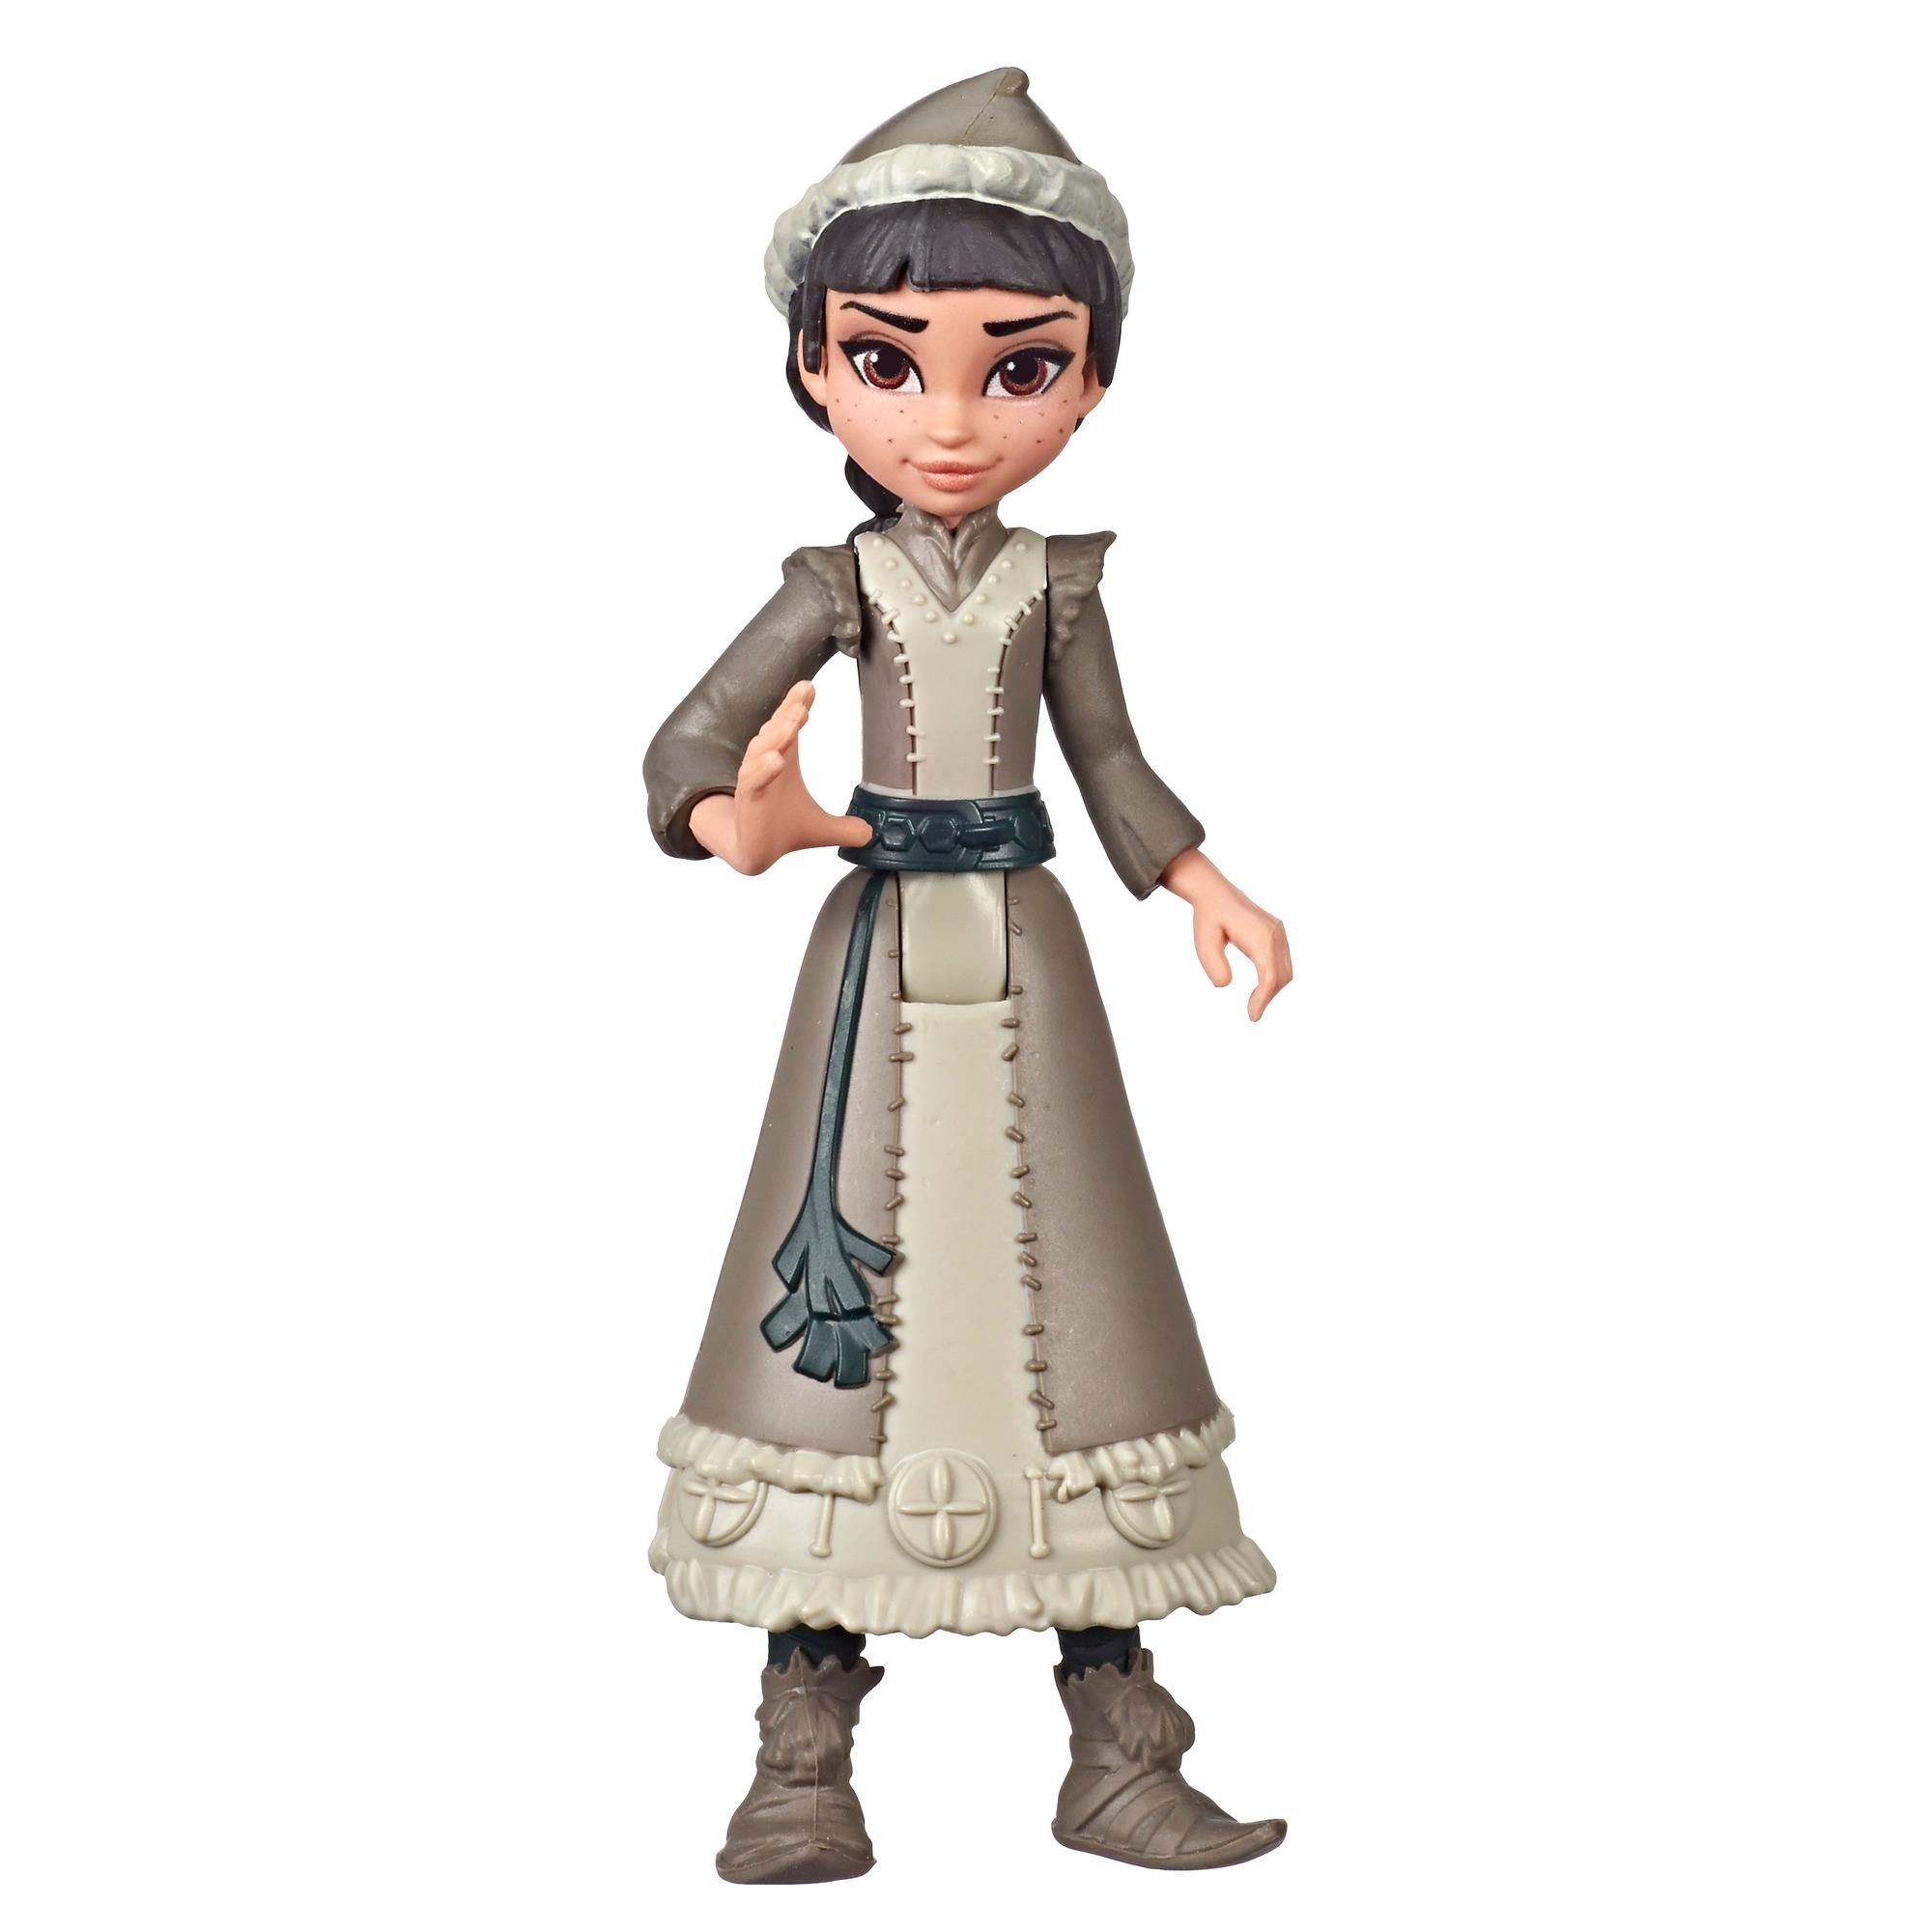 Disney Frozen Honeymaren Small Doll Wearing White Dress, Inspired by the Disney Frozen 2 Movie